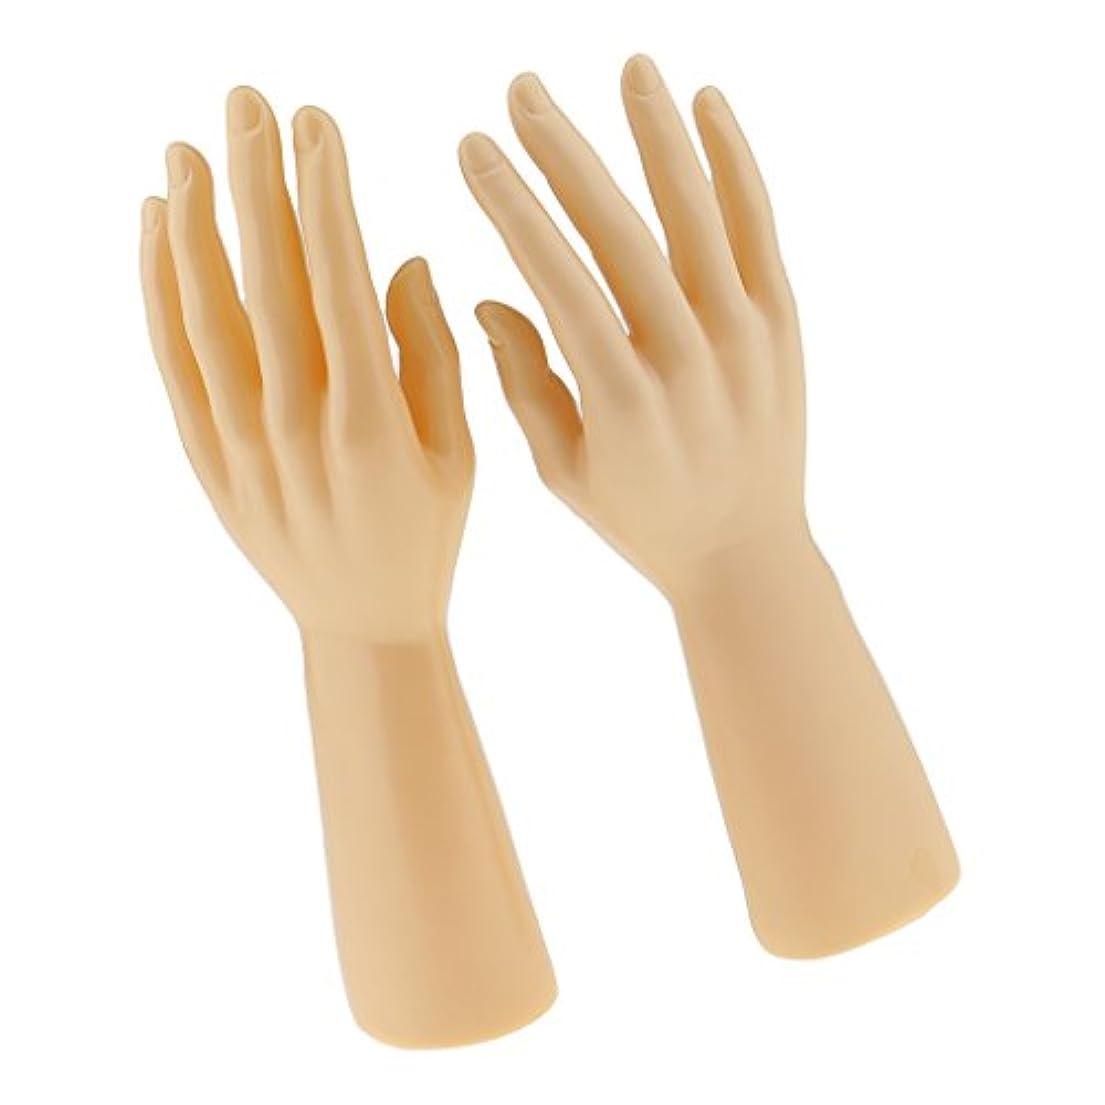 ストローク上モザイク1ペア ジュエリー ブレスレット 展示用 手袋 ディスプレイ 男性 マネキン手 - 肌色